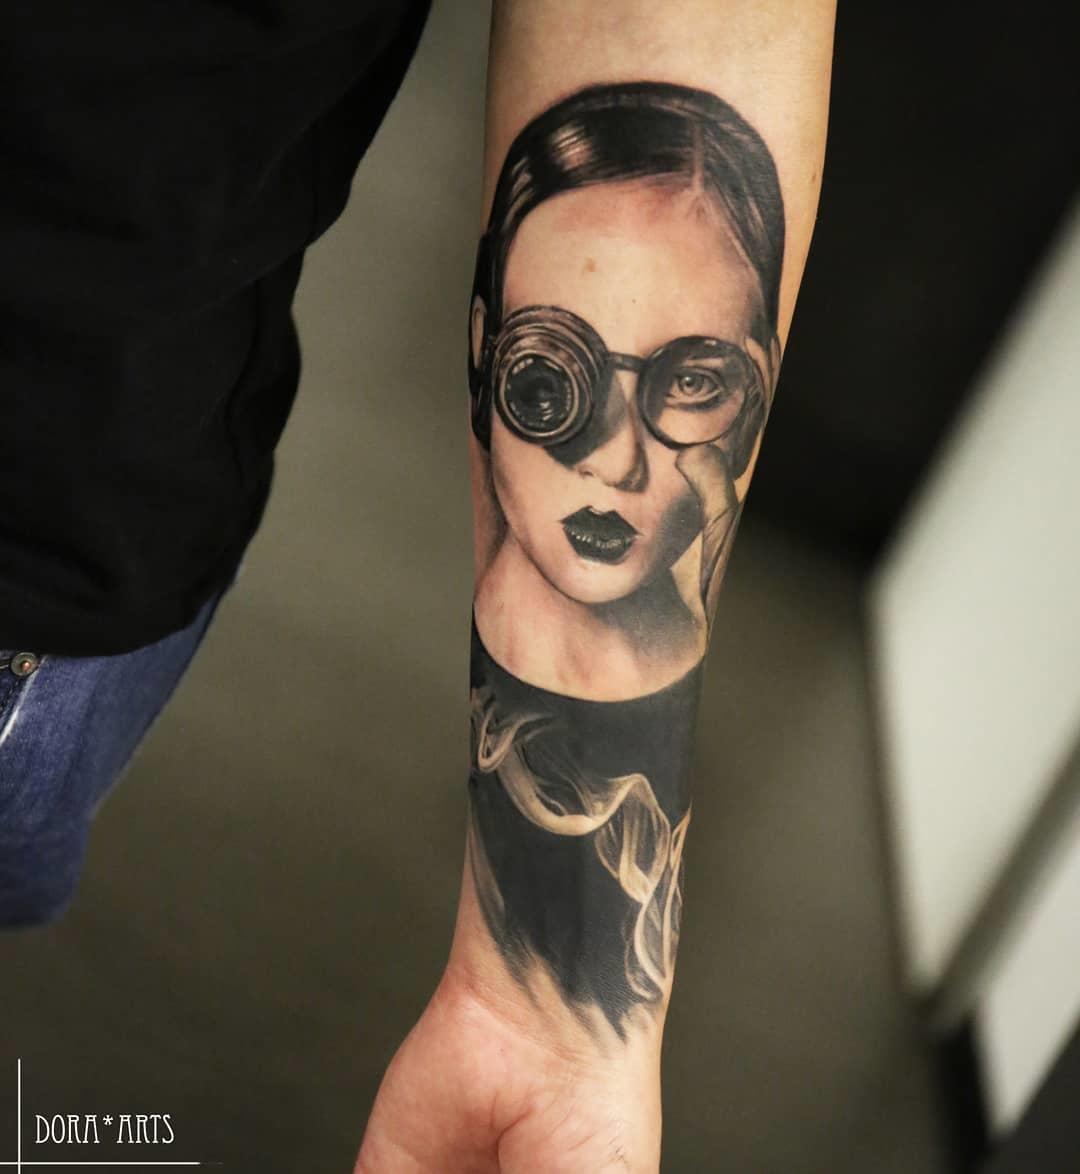 Inksearch tattoo Dora Arts